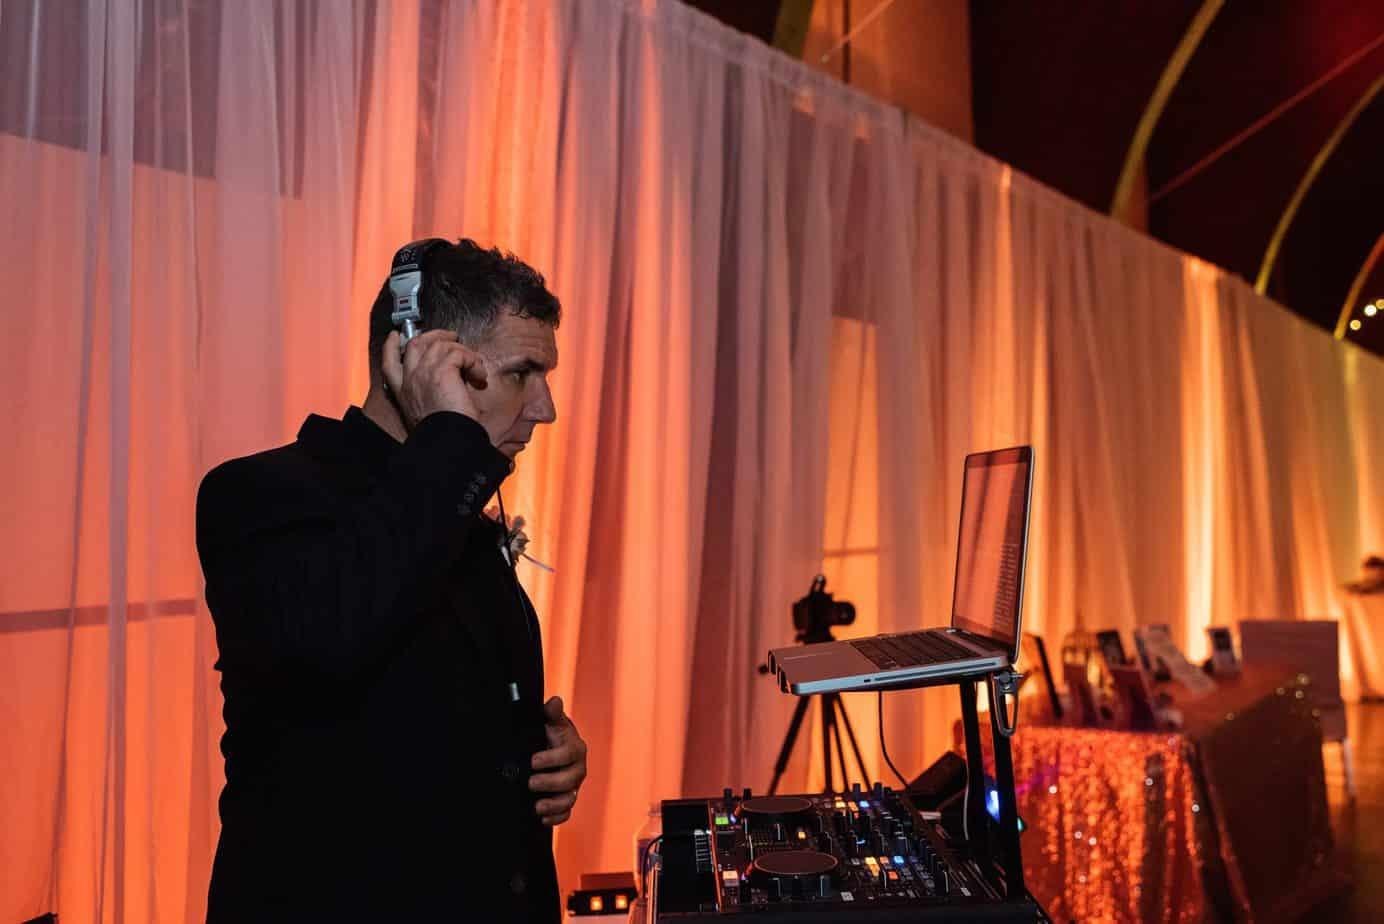 wedding-DJ-working